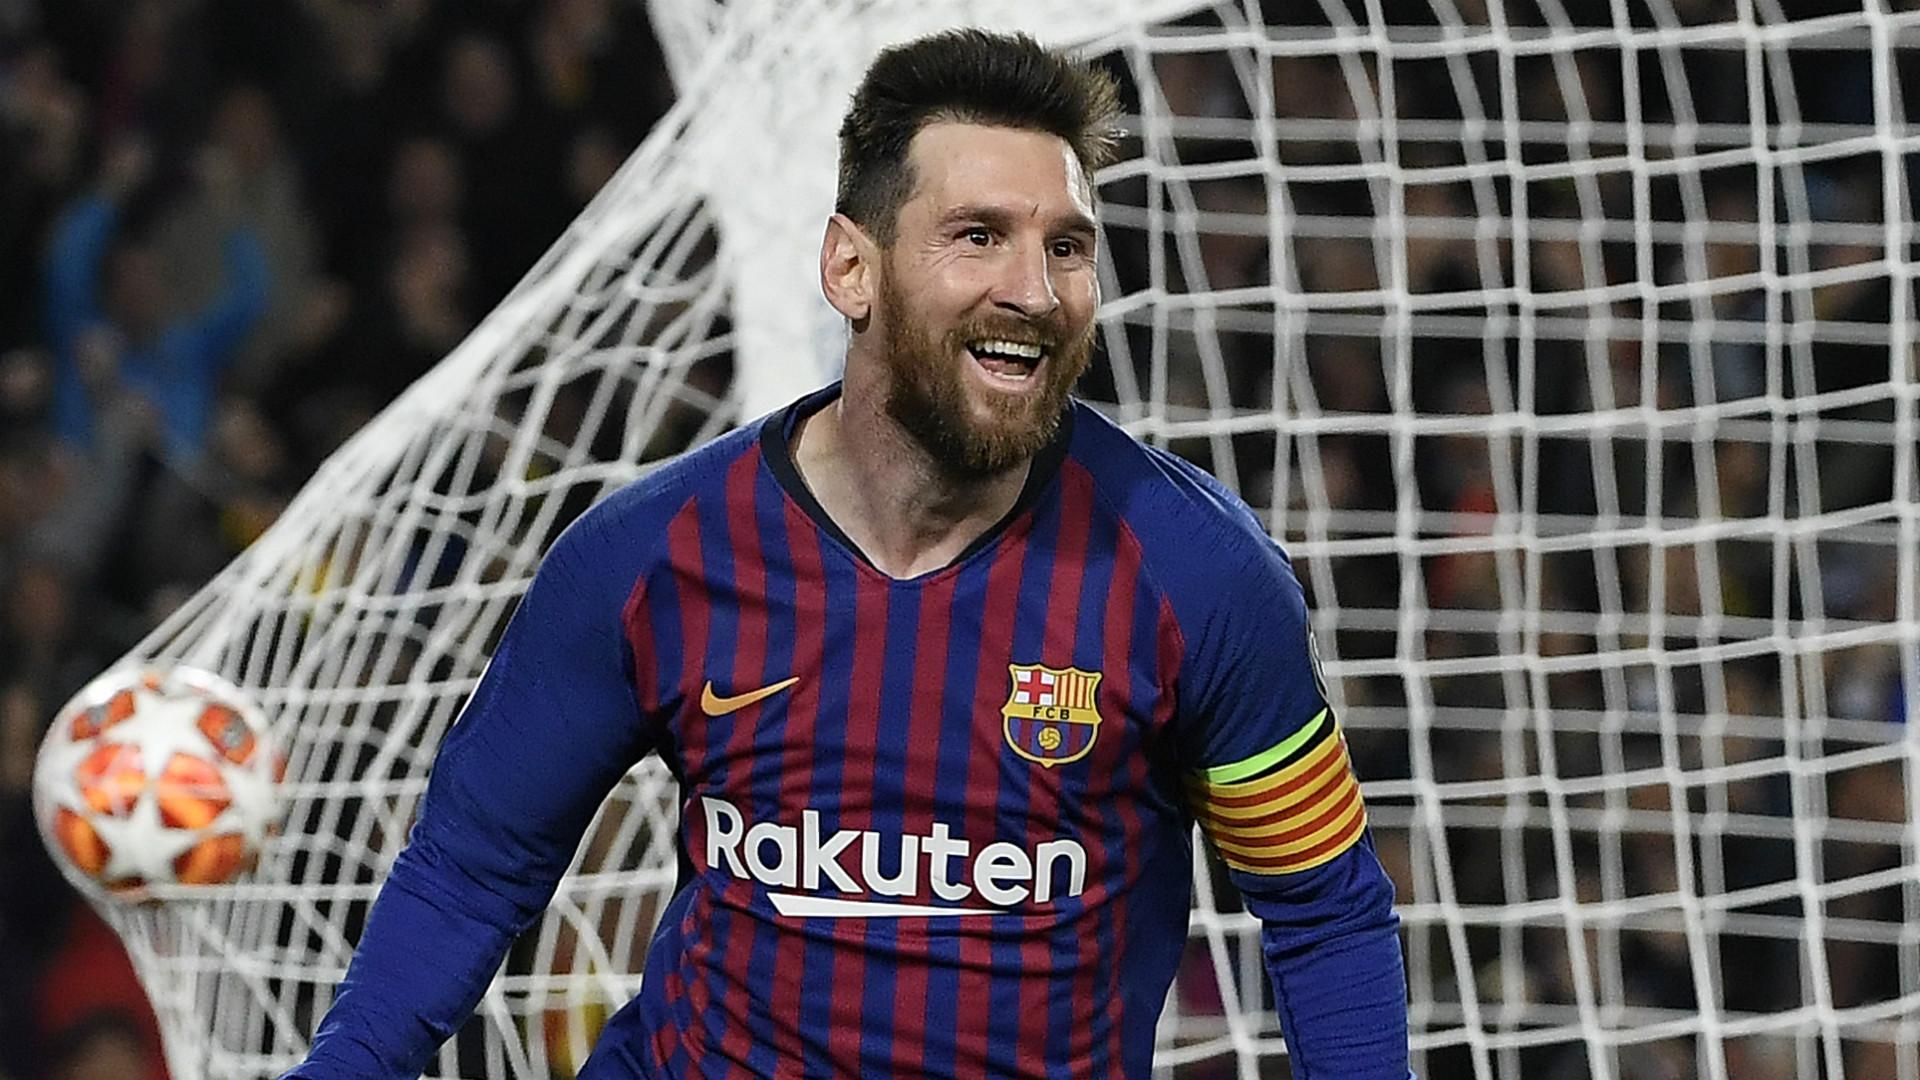 """""""本赛季的Ballon d'Or是梅西"""" - 里瓦尔多支持巴萨王牌获得最高荣誉"""